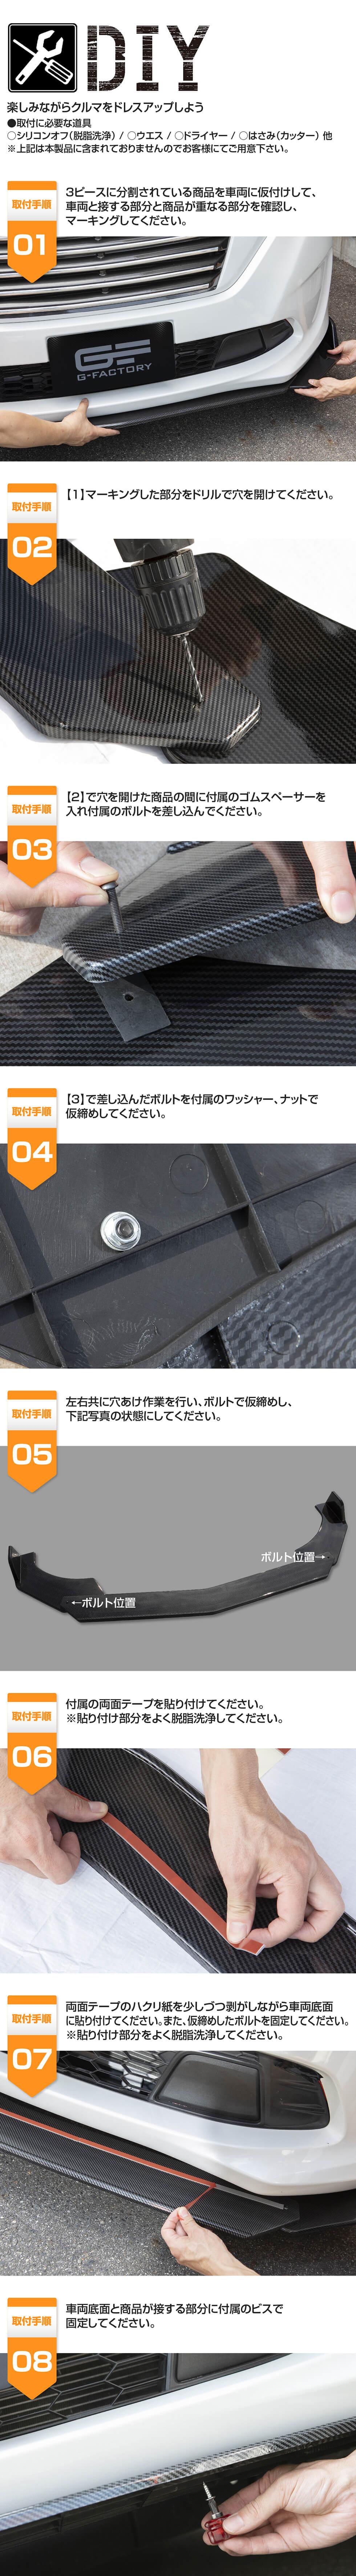 汎用 スポイラー アンダーカナード カーボン長 組立式 3分割 ABS製 エアロ フロント スポイラー カナード フィン アンダーフラップ リップ アンダーパネル 加工用 付け足し ドレスアップ GTマシン風